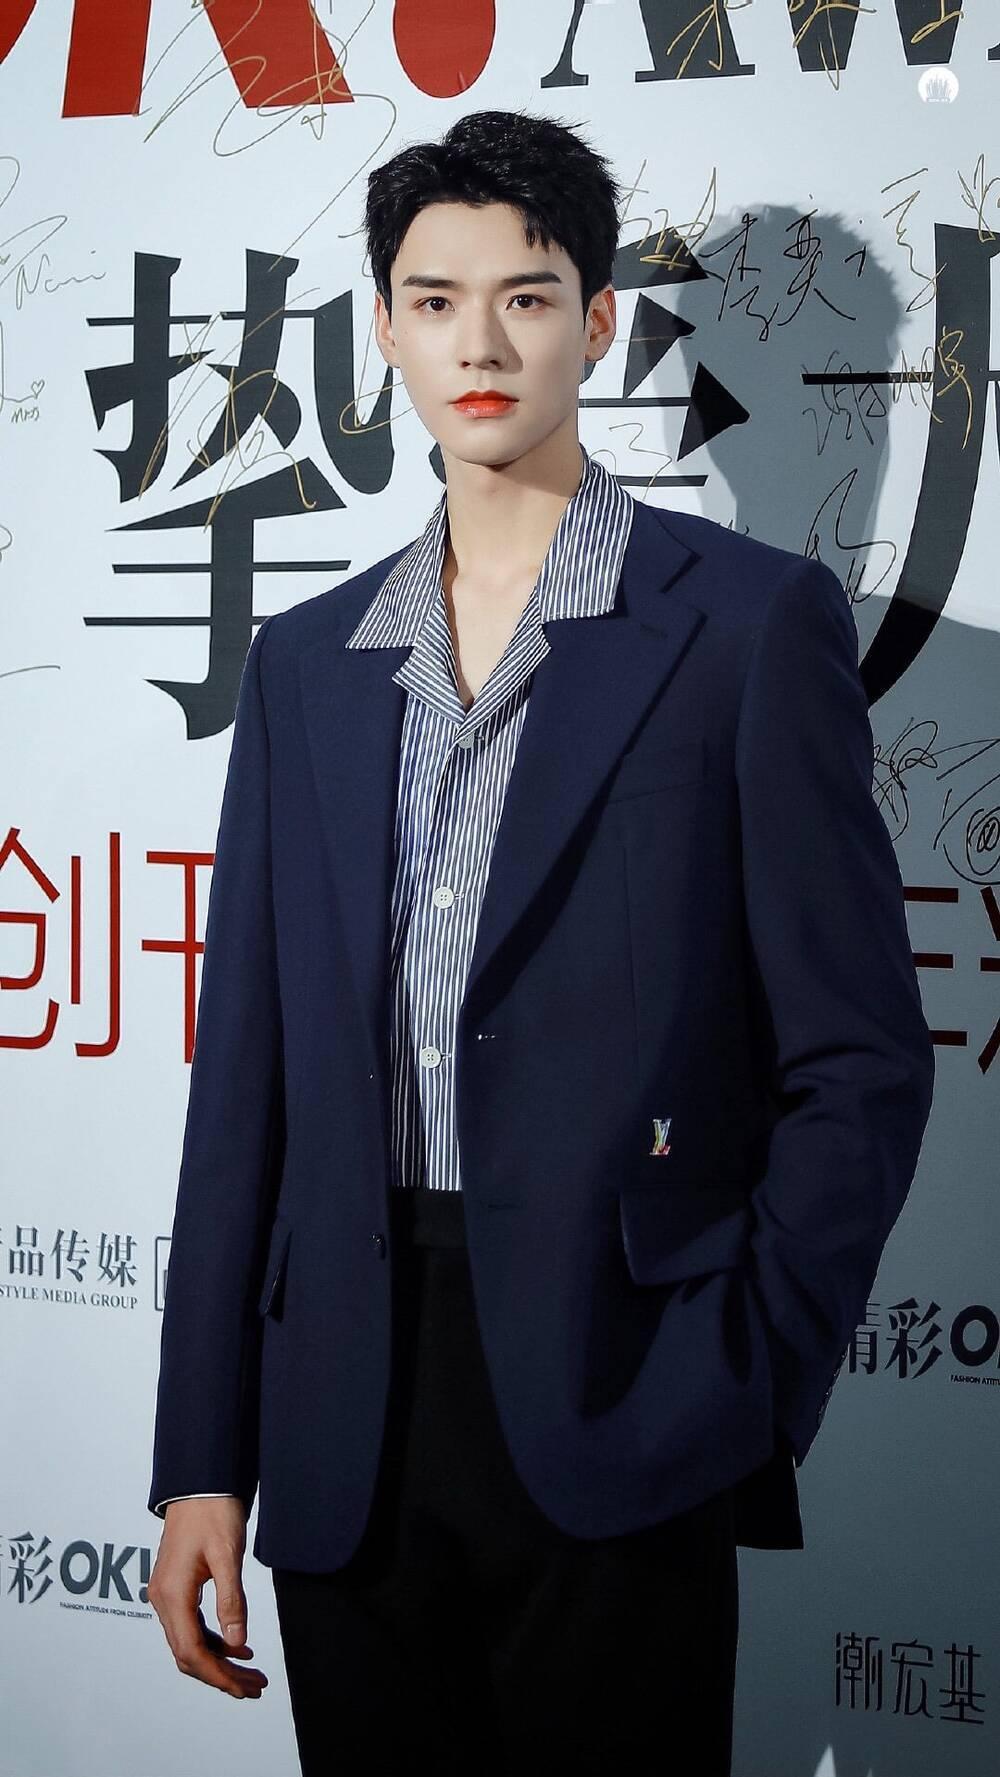 Bị dân tình chê bai vì lan da mất điểm, Cung Tuấn lấy lại phong độ khi đẹp trai ngời ngợi tại sự kiện Ảnh 7